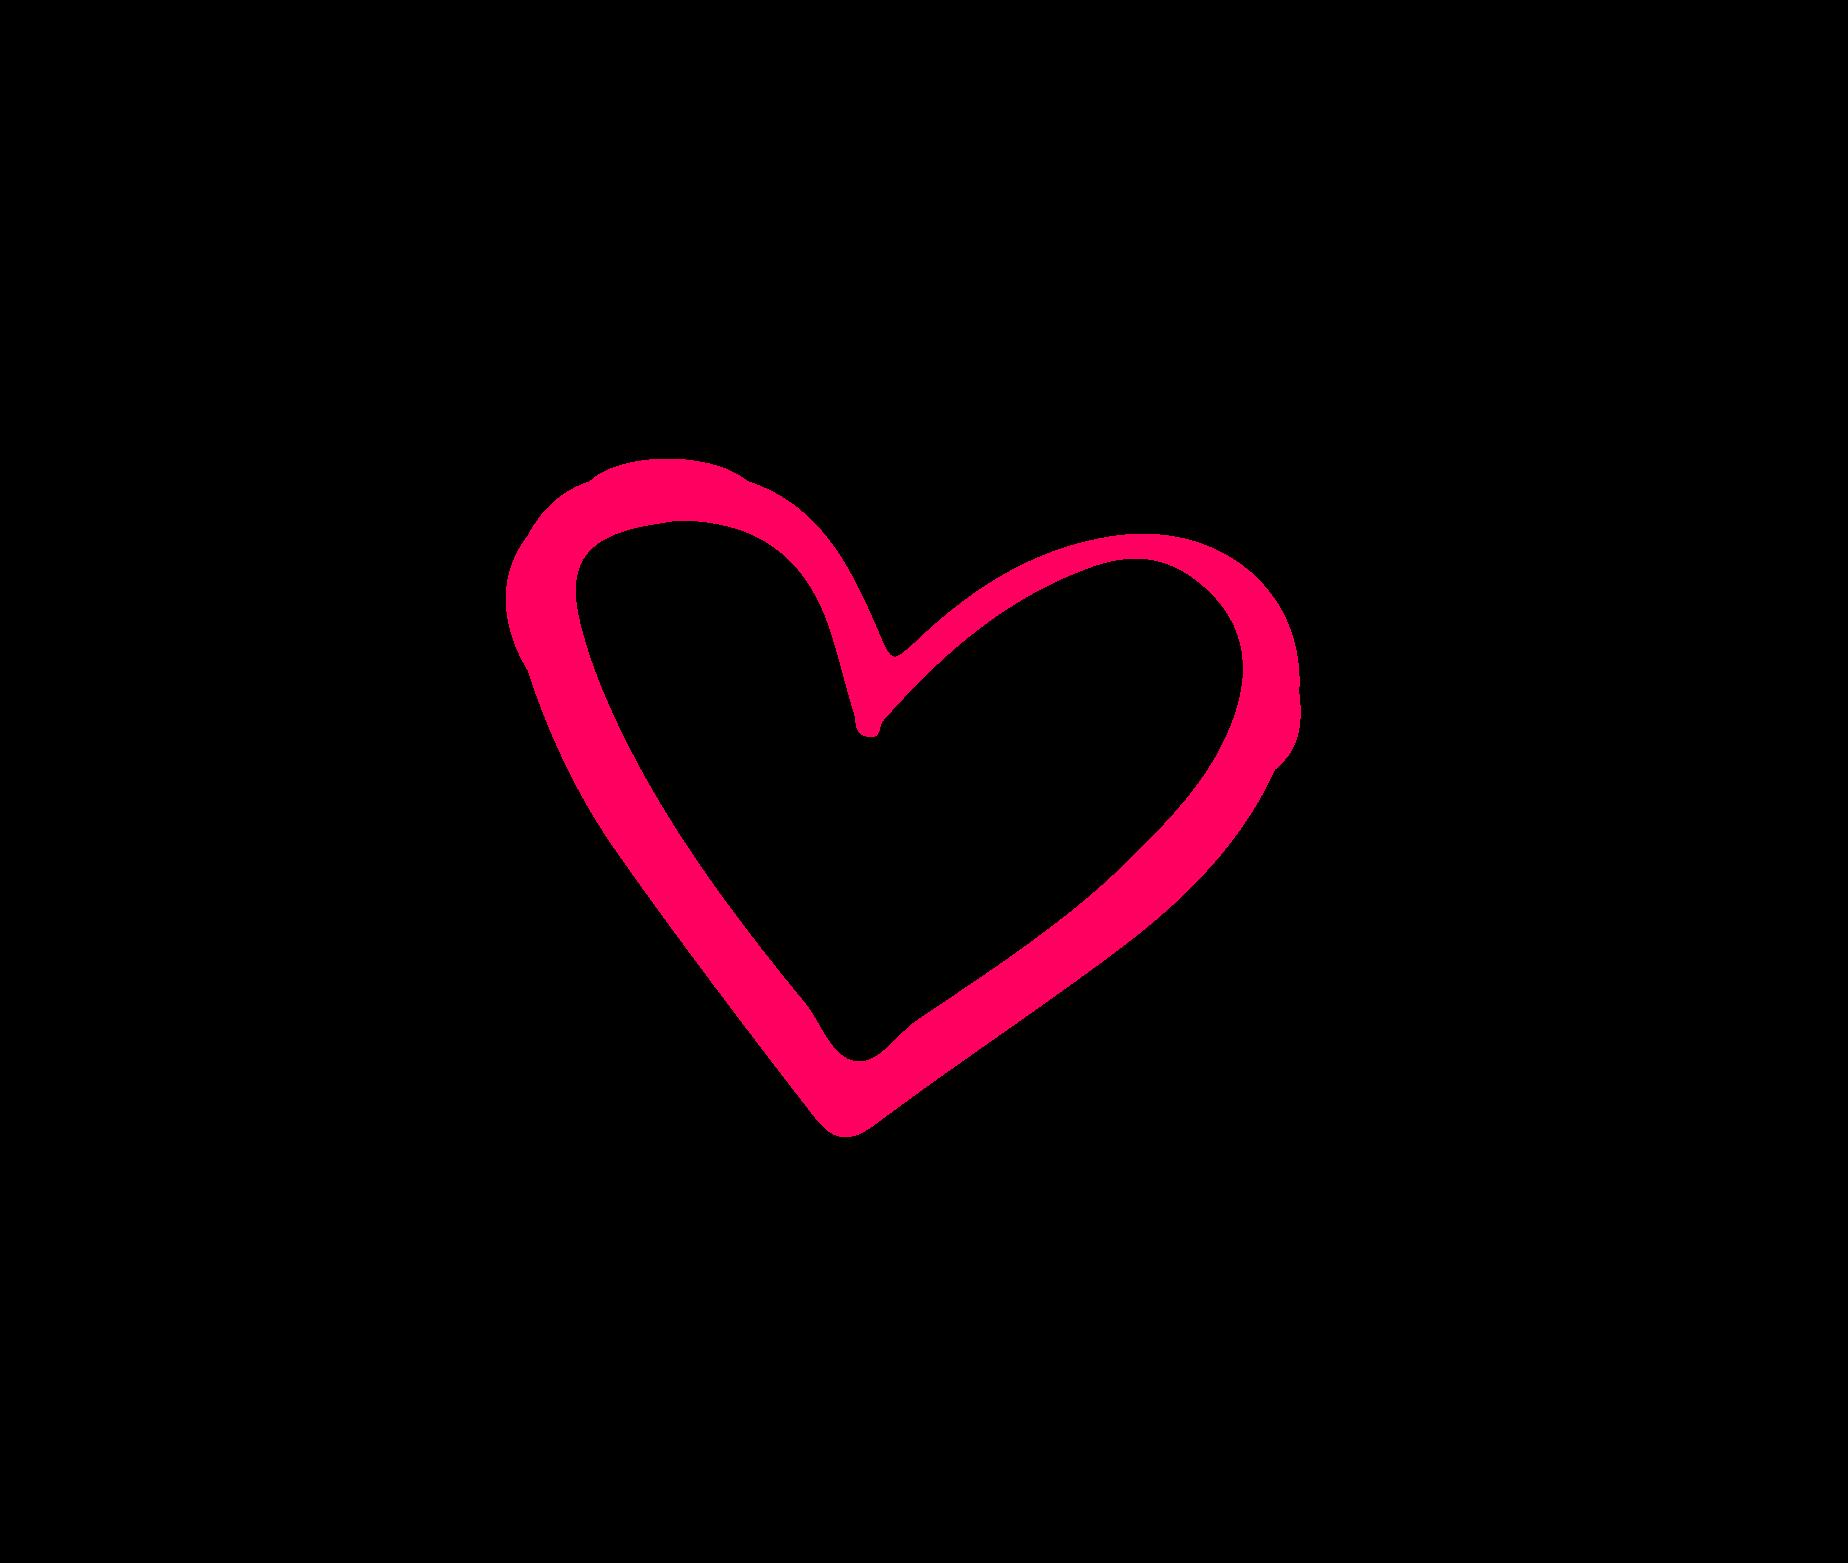 Подруженька картинки, картинки маленькие сердечки черные